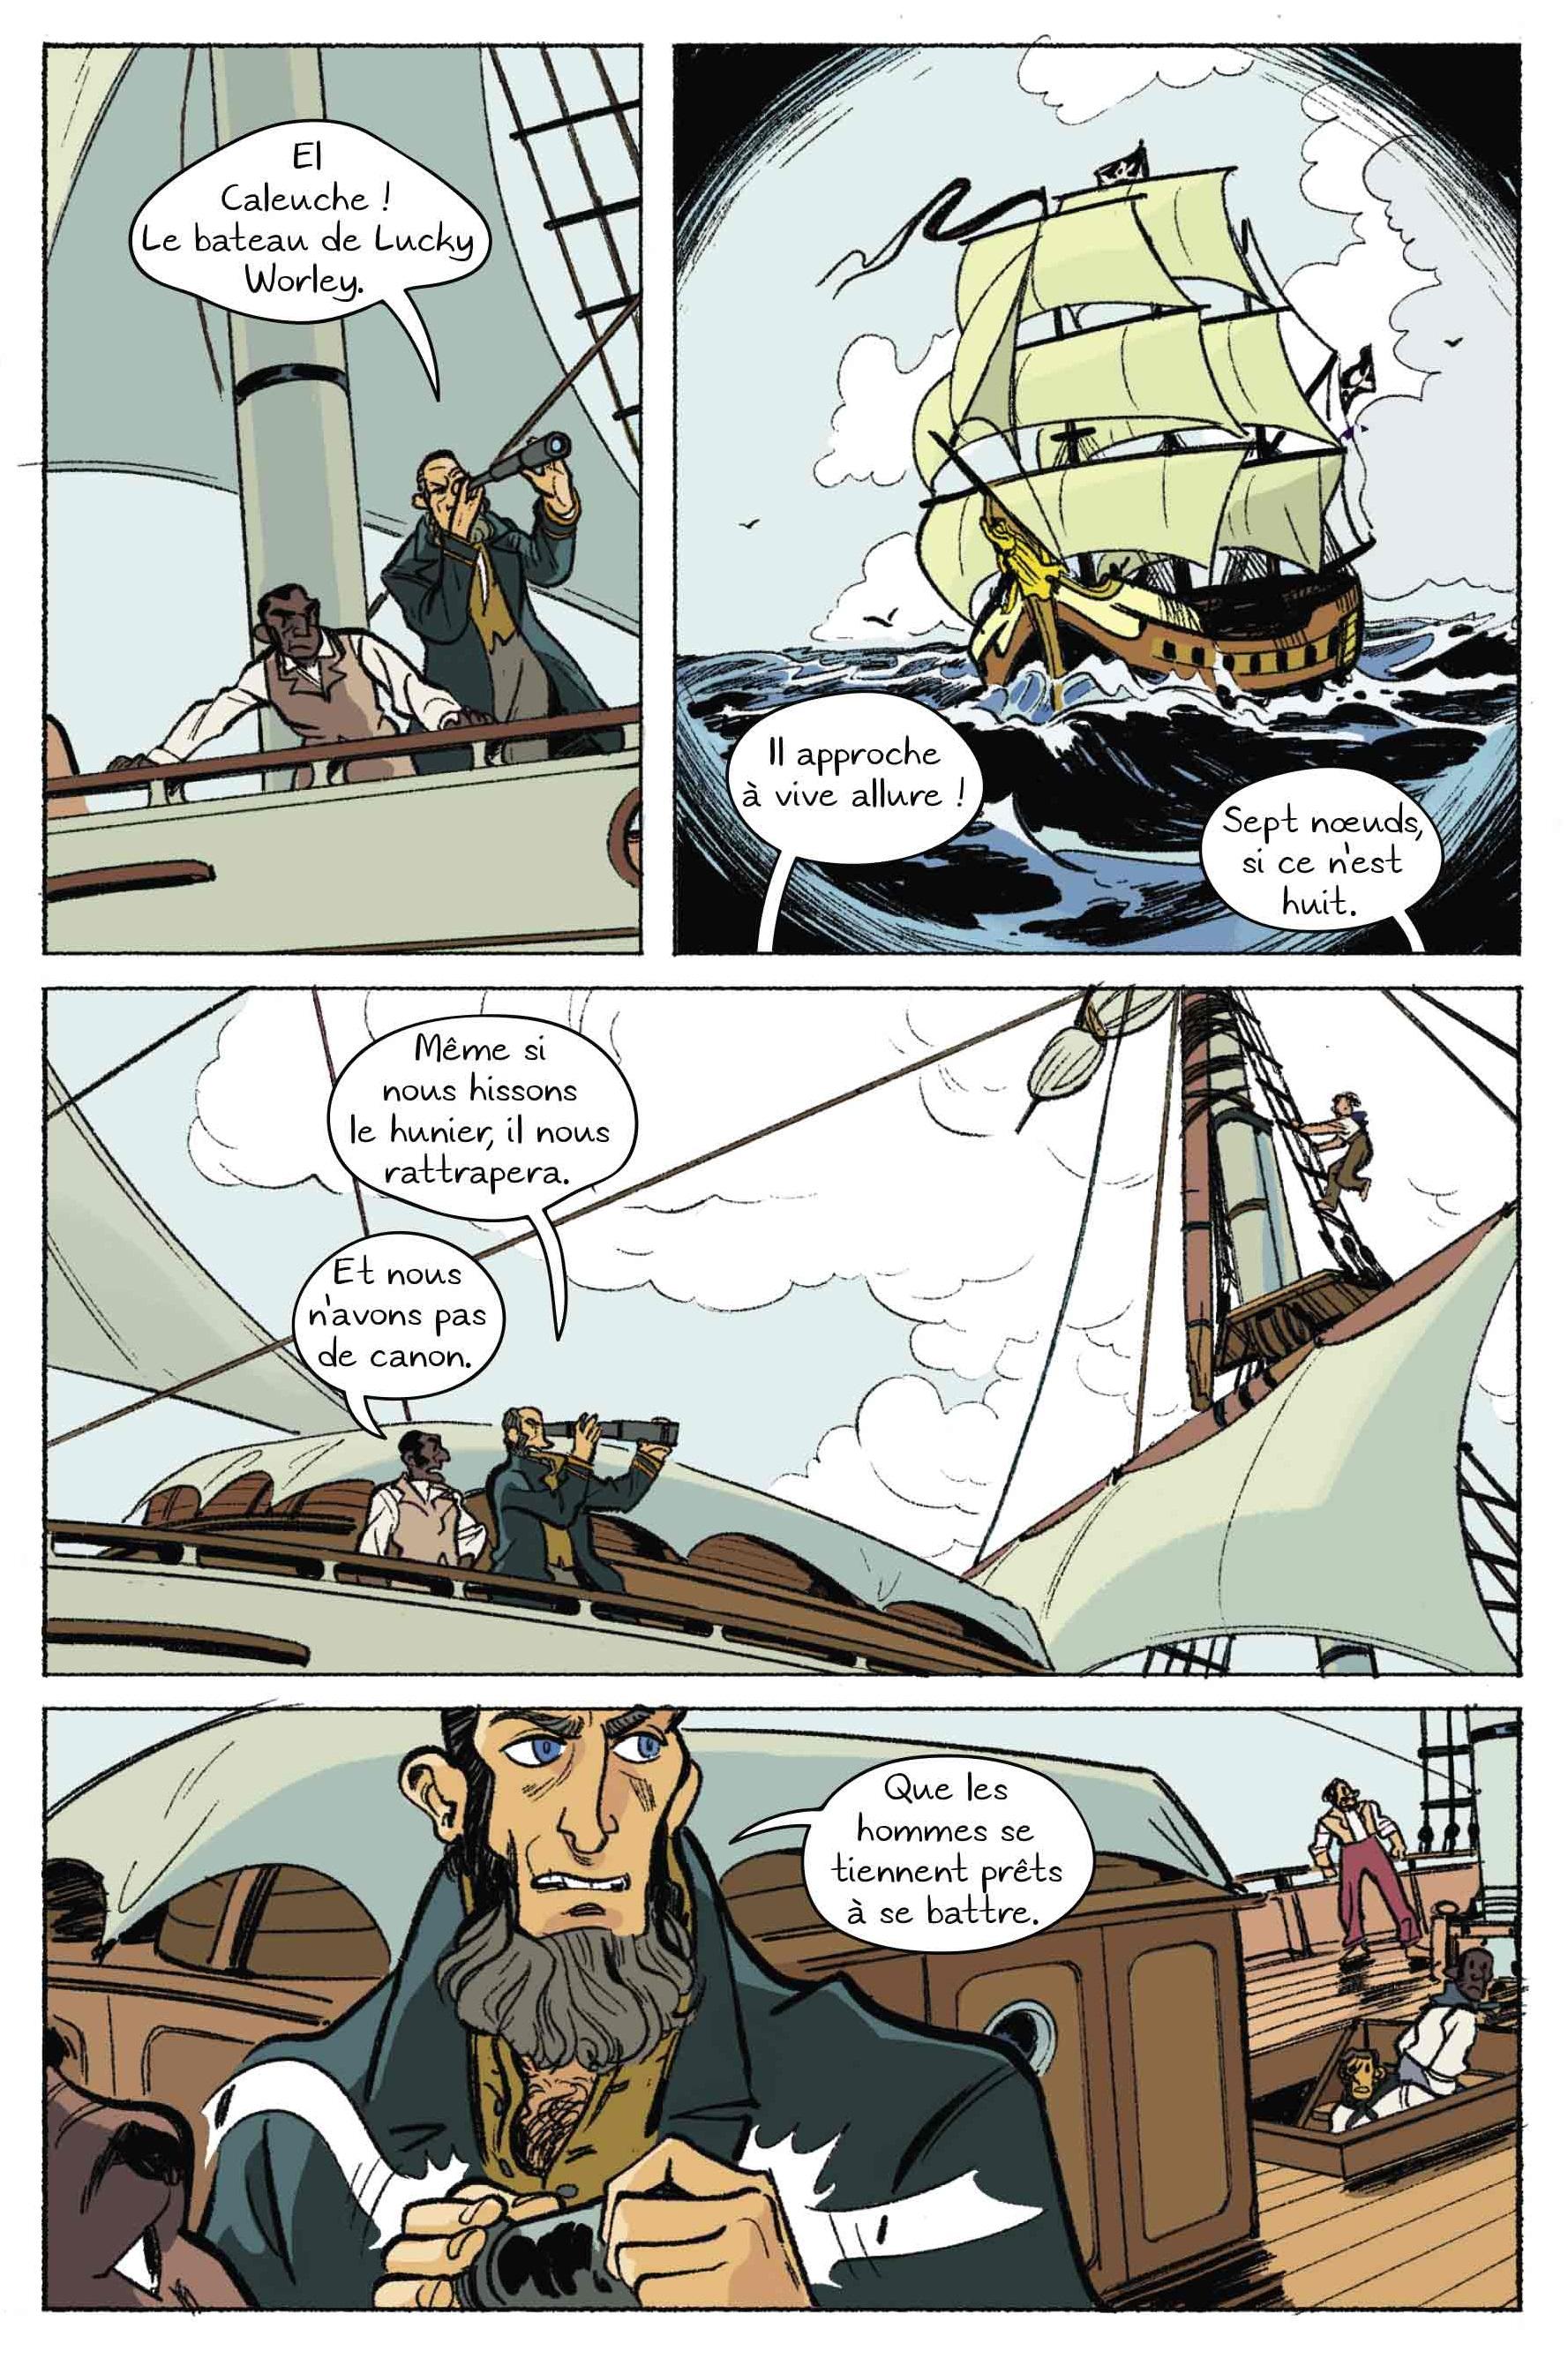 Pile ou face page 183